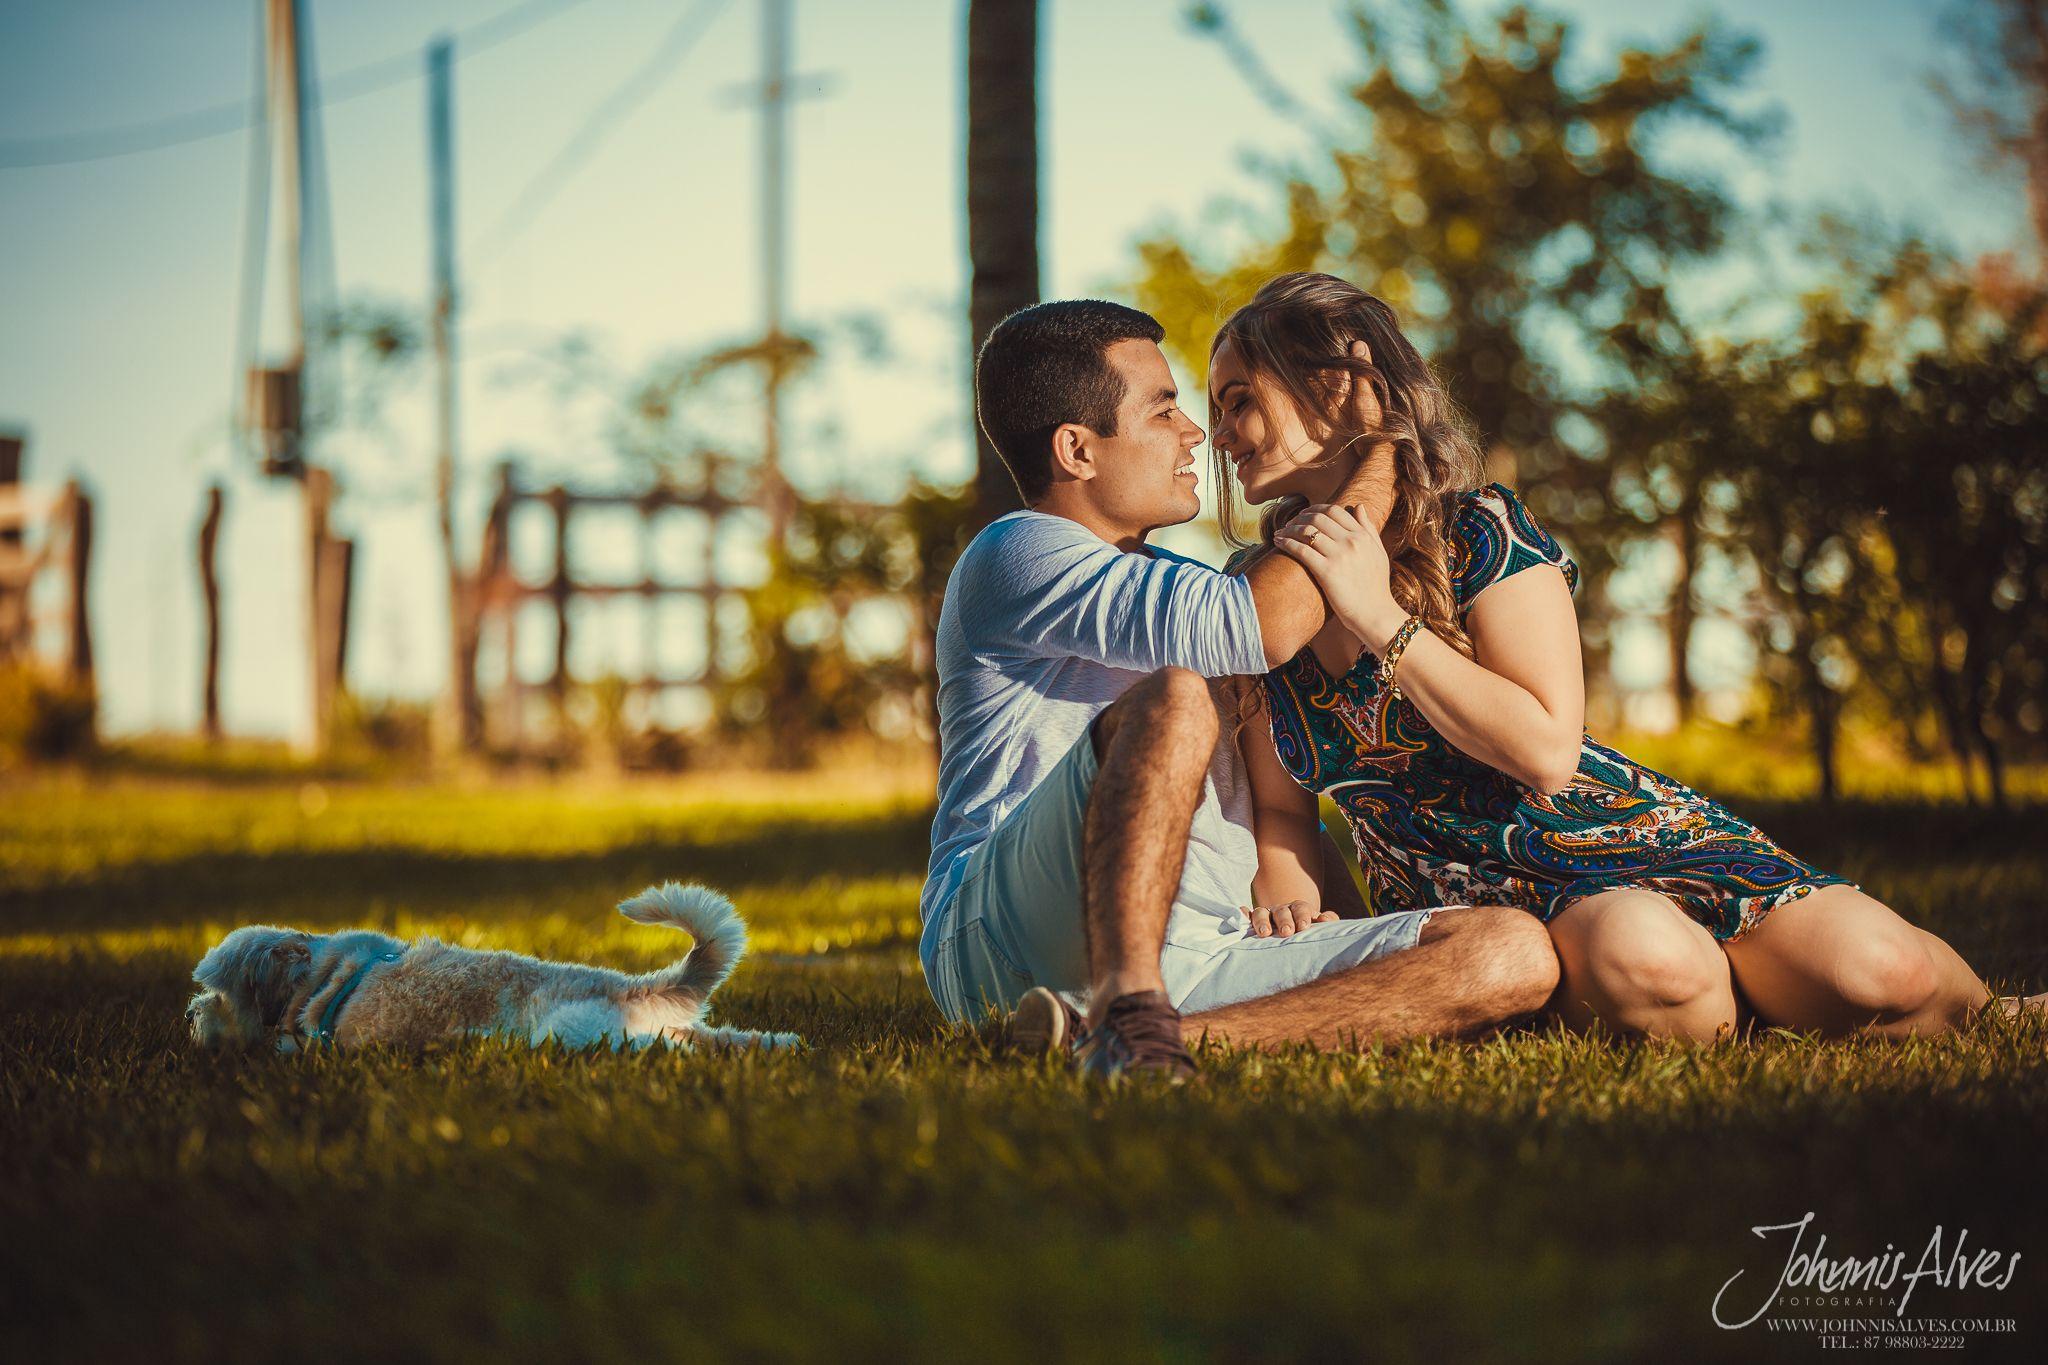 Pré Wedding | Jéssica+Rodrigo Lindo casal Fotografo: Johnnis Alves Facebook: https://goo.gl/yOIHou Fone: 87 9 8803-2222 #ensaiocasal #prewedding #casamento #pordosol #rodrigo #jessica #johnnis #johnnisalves #fotografia #belaarte